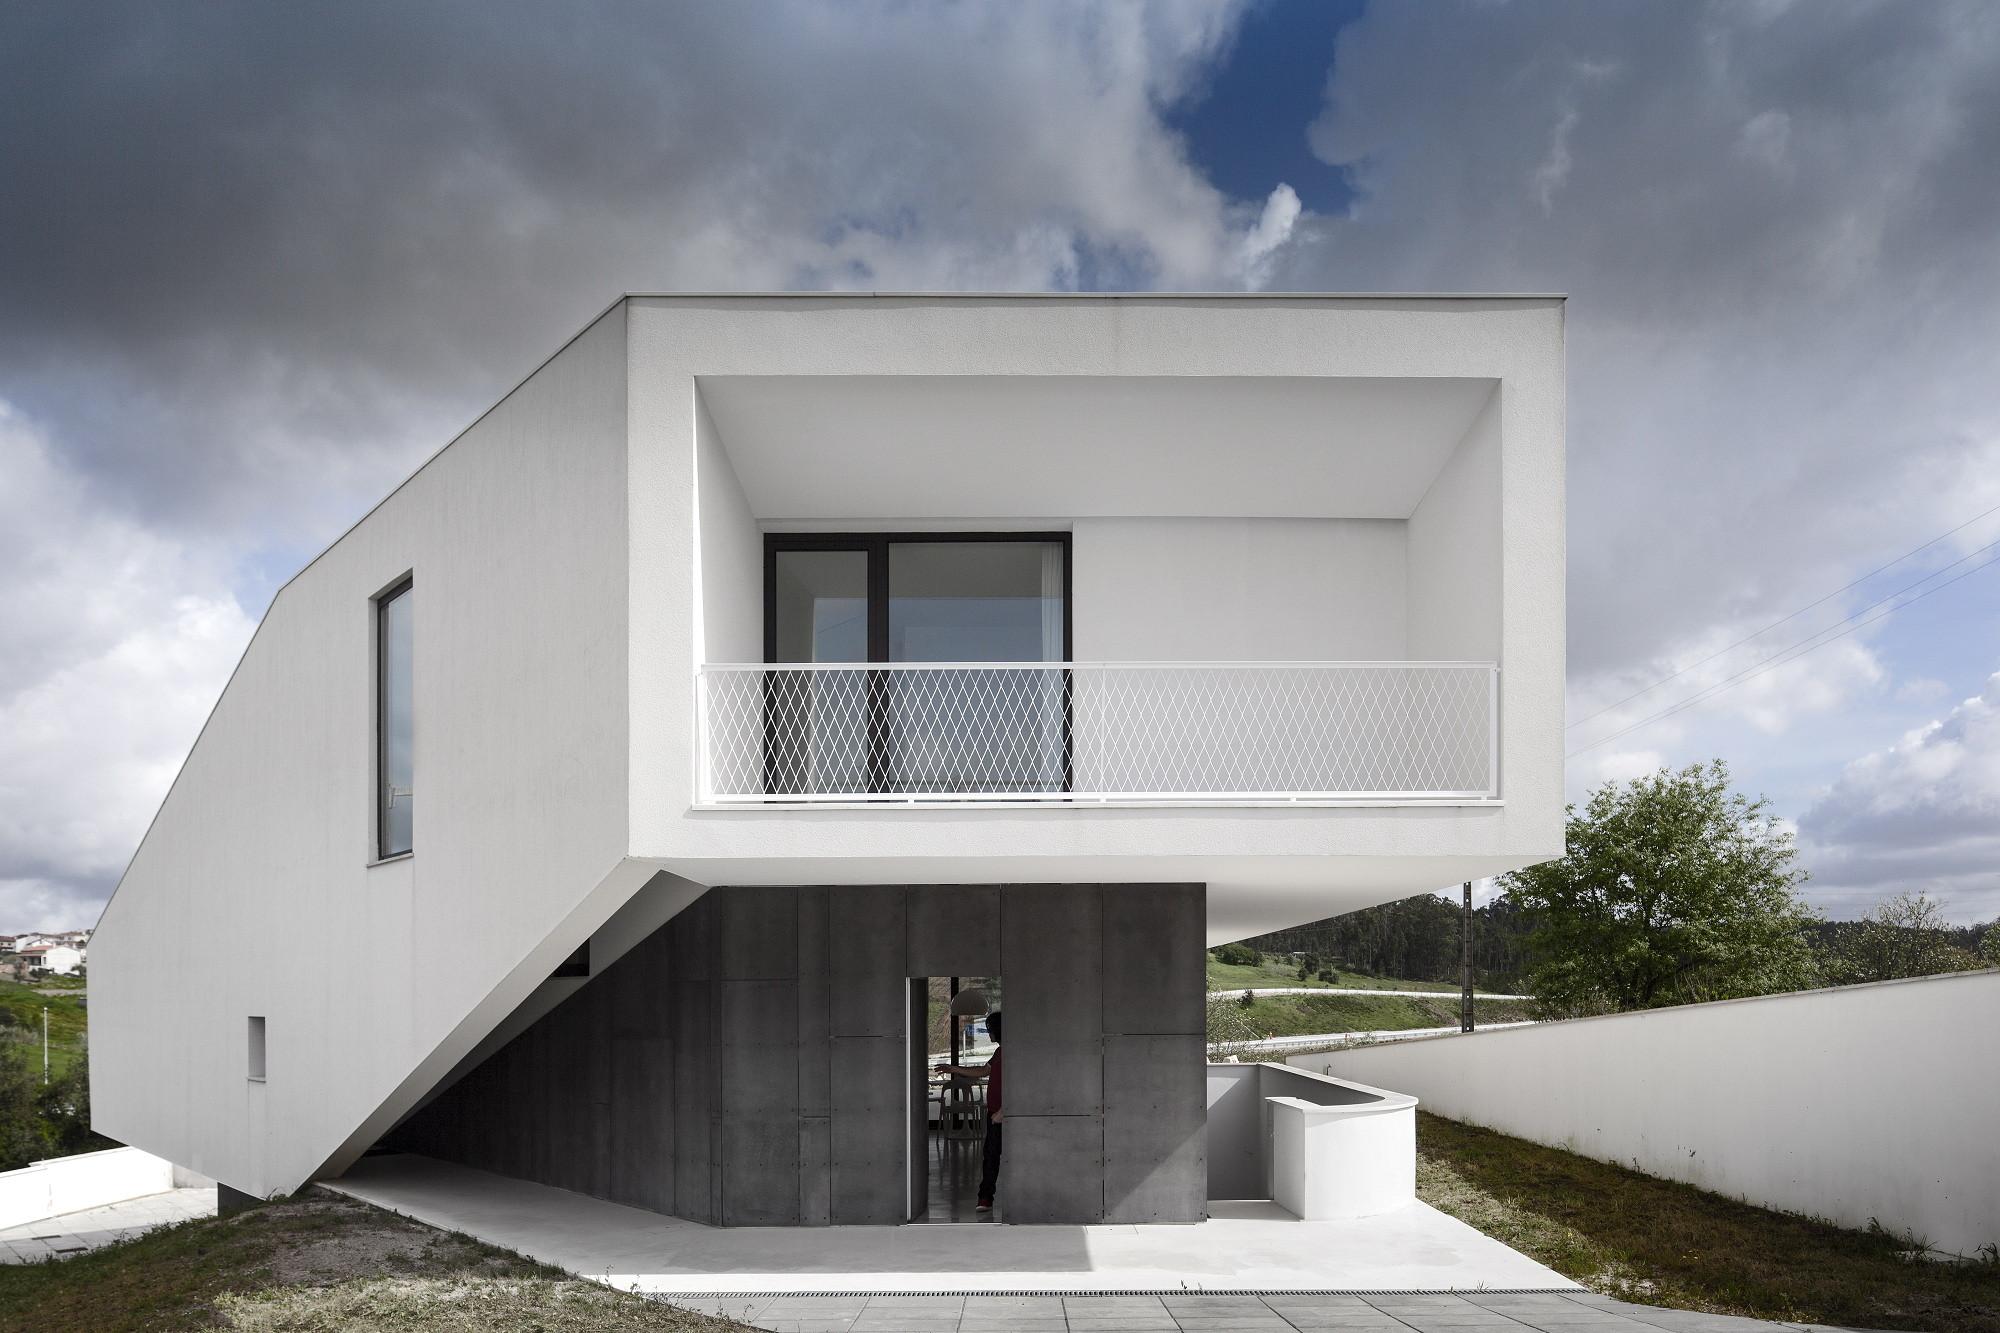 Vidigal House / Contaminar Arquitectos, © Fernando Guerra | FG+SG